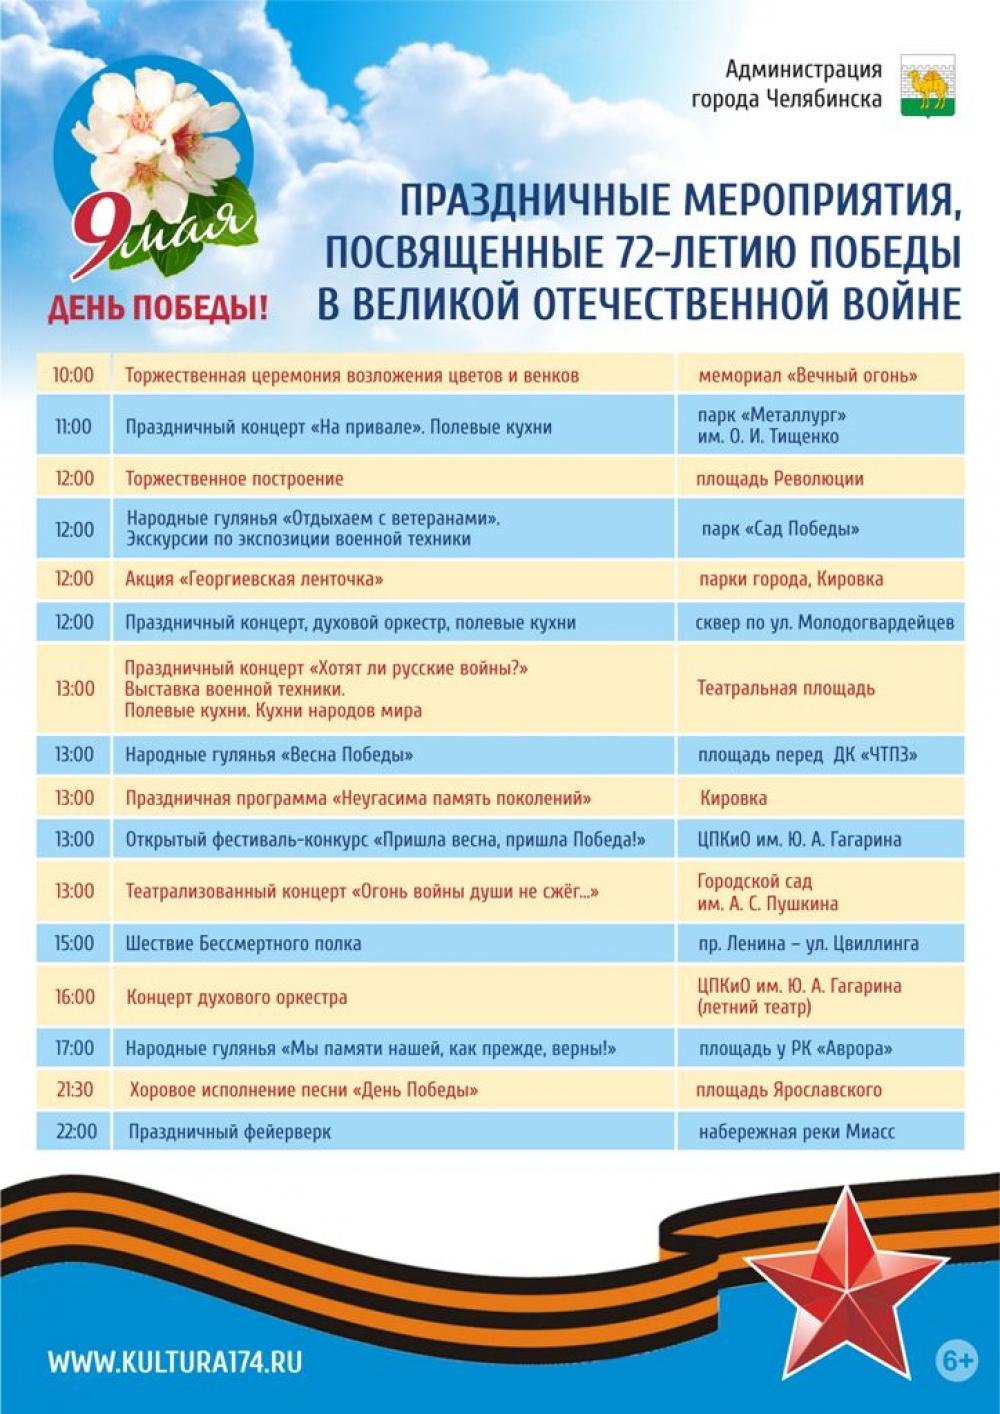 Афиша праздничных мероприятий 9 мая 2017 года в Челябинске.